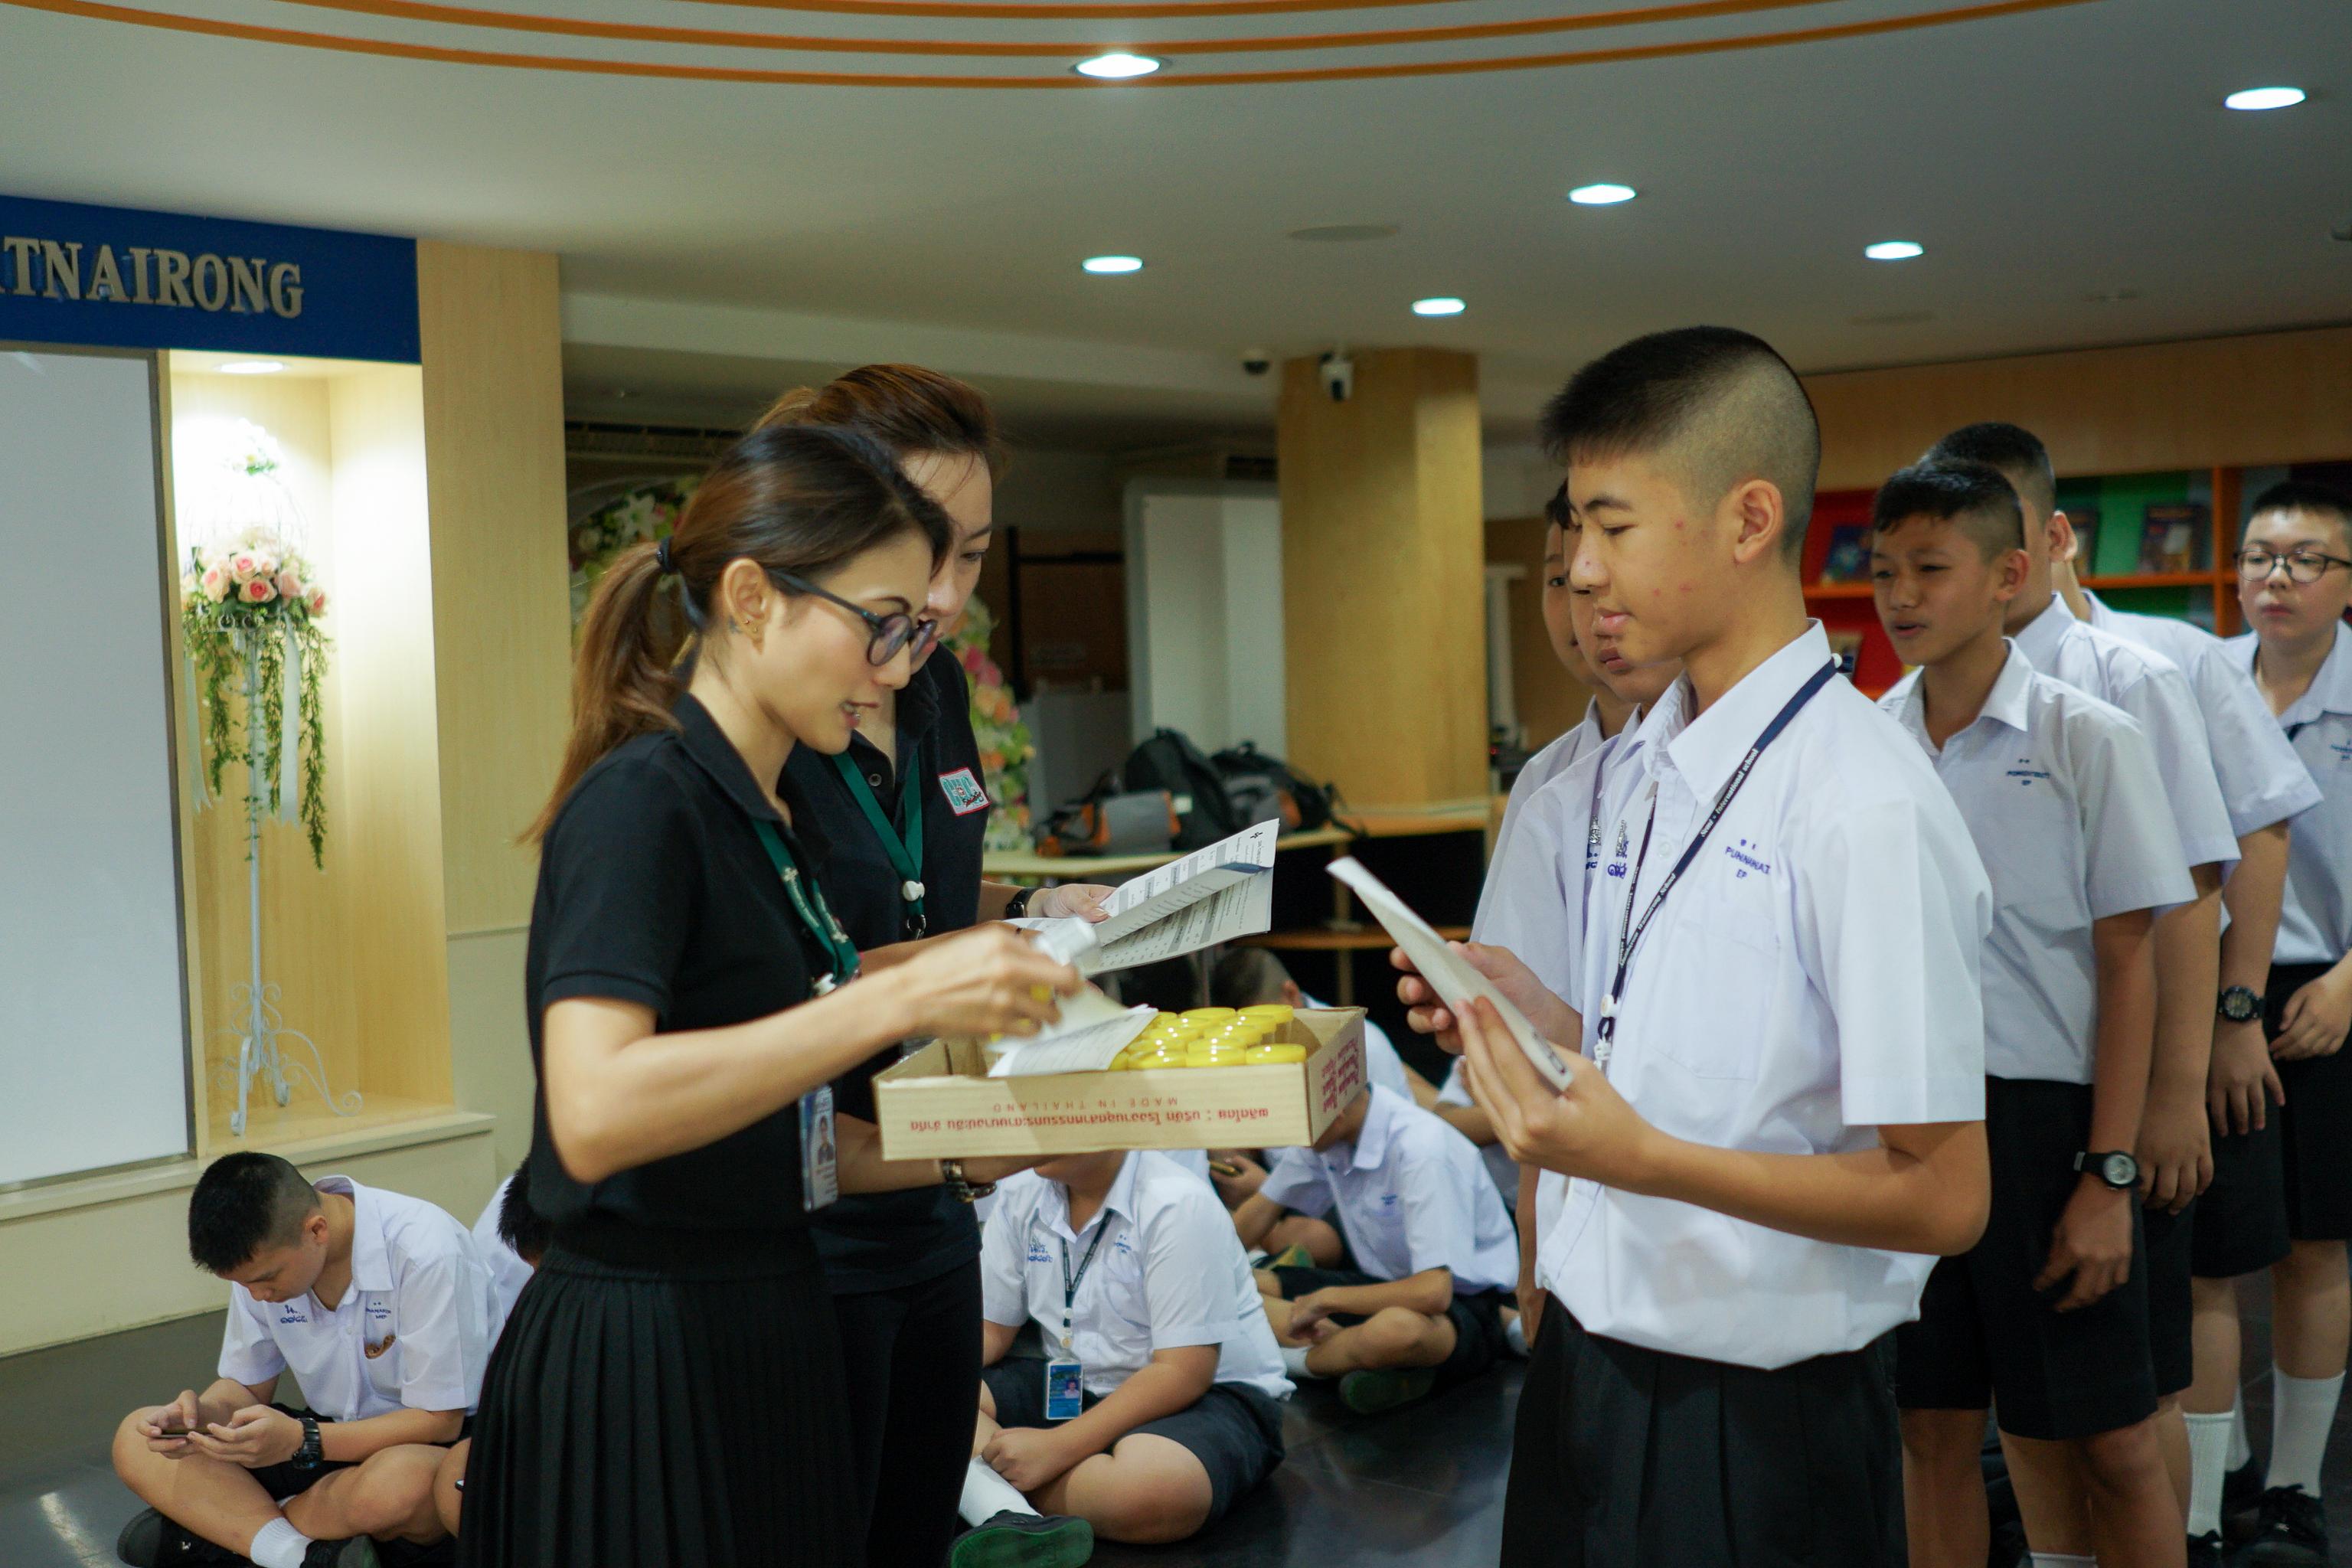 การตรวจสุขภาพประจำปีของนักเรียน ครูและบุคลากรโรงเรียนมัธยมวัดนายโรง